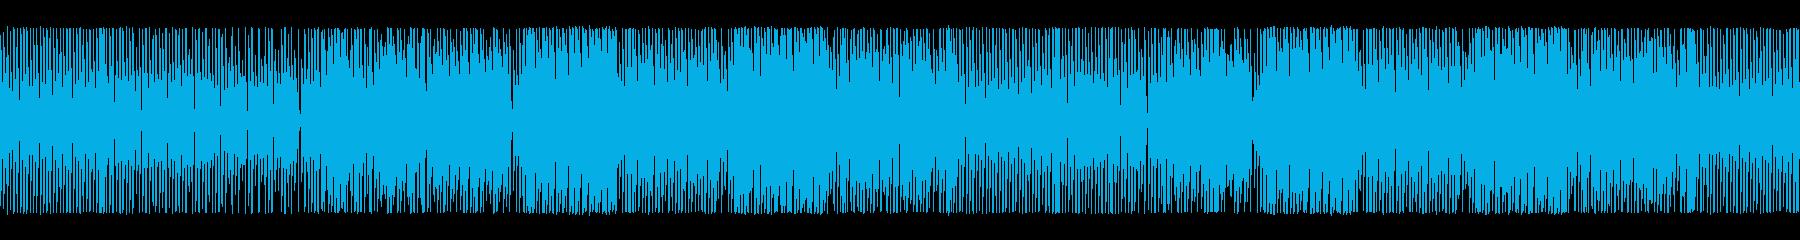 明るく軽快なチップチューンサウンドの再生済みの波形